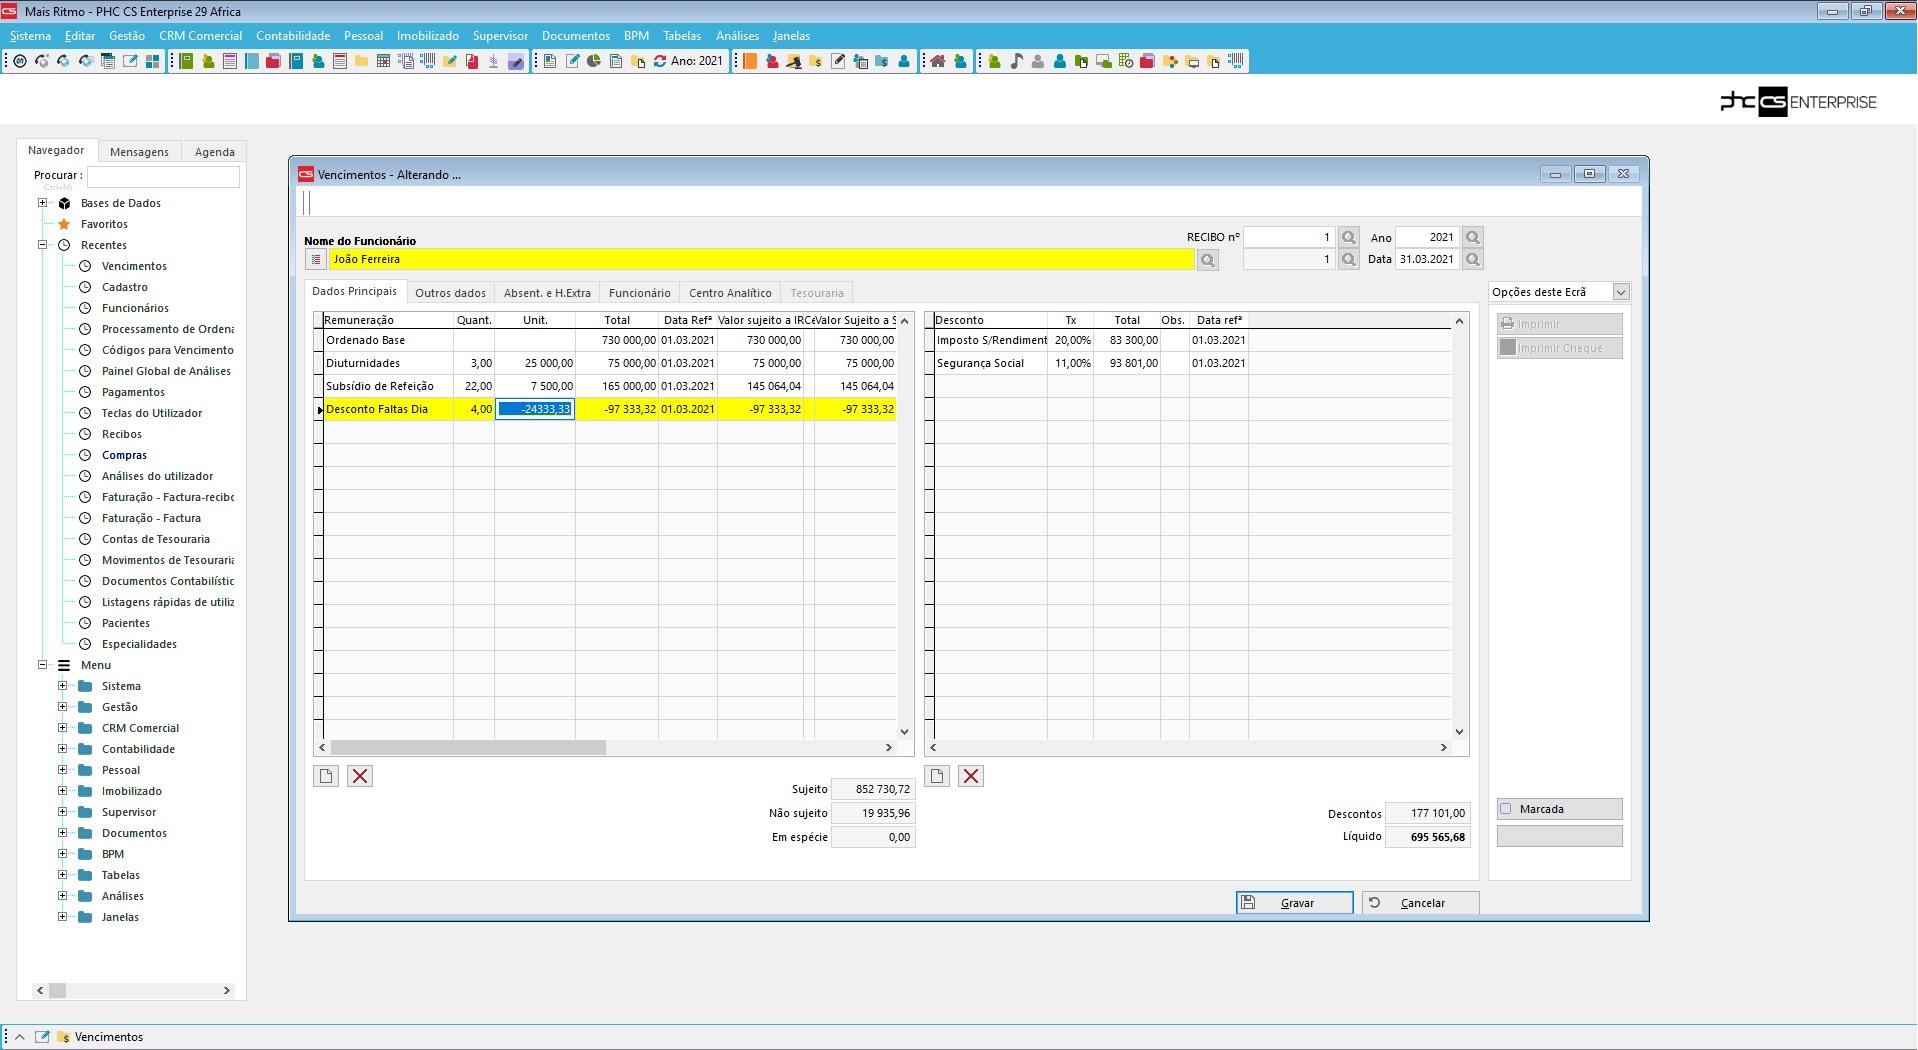 dashboard de gestão de vencimentos